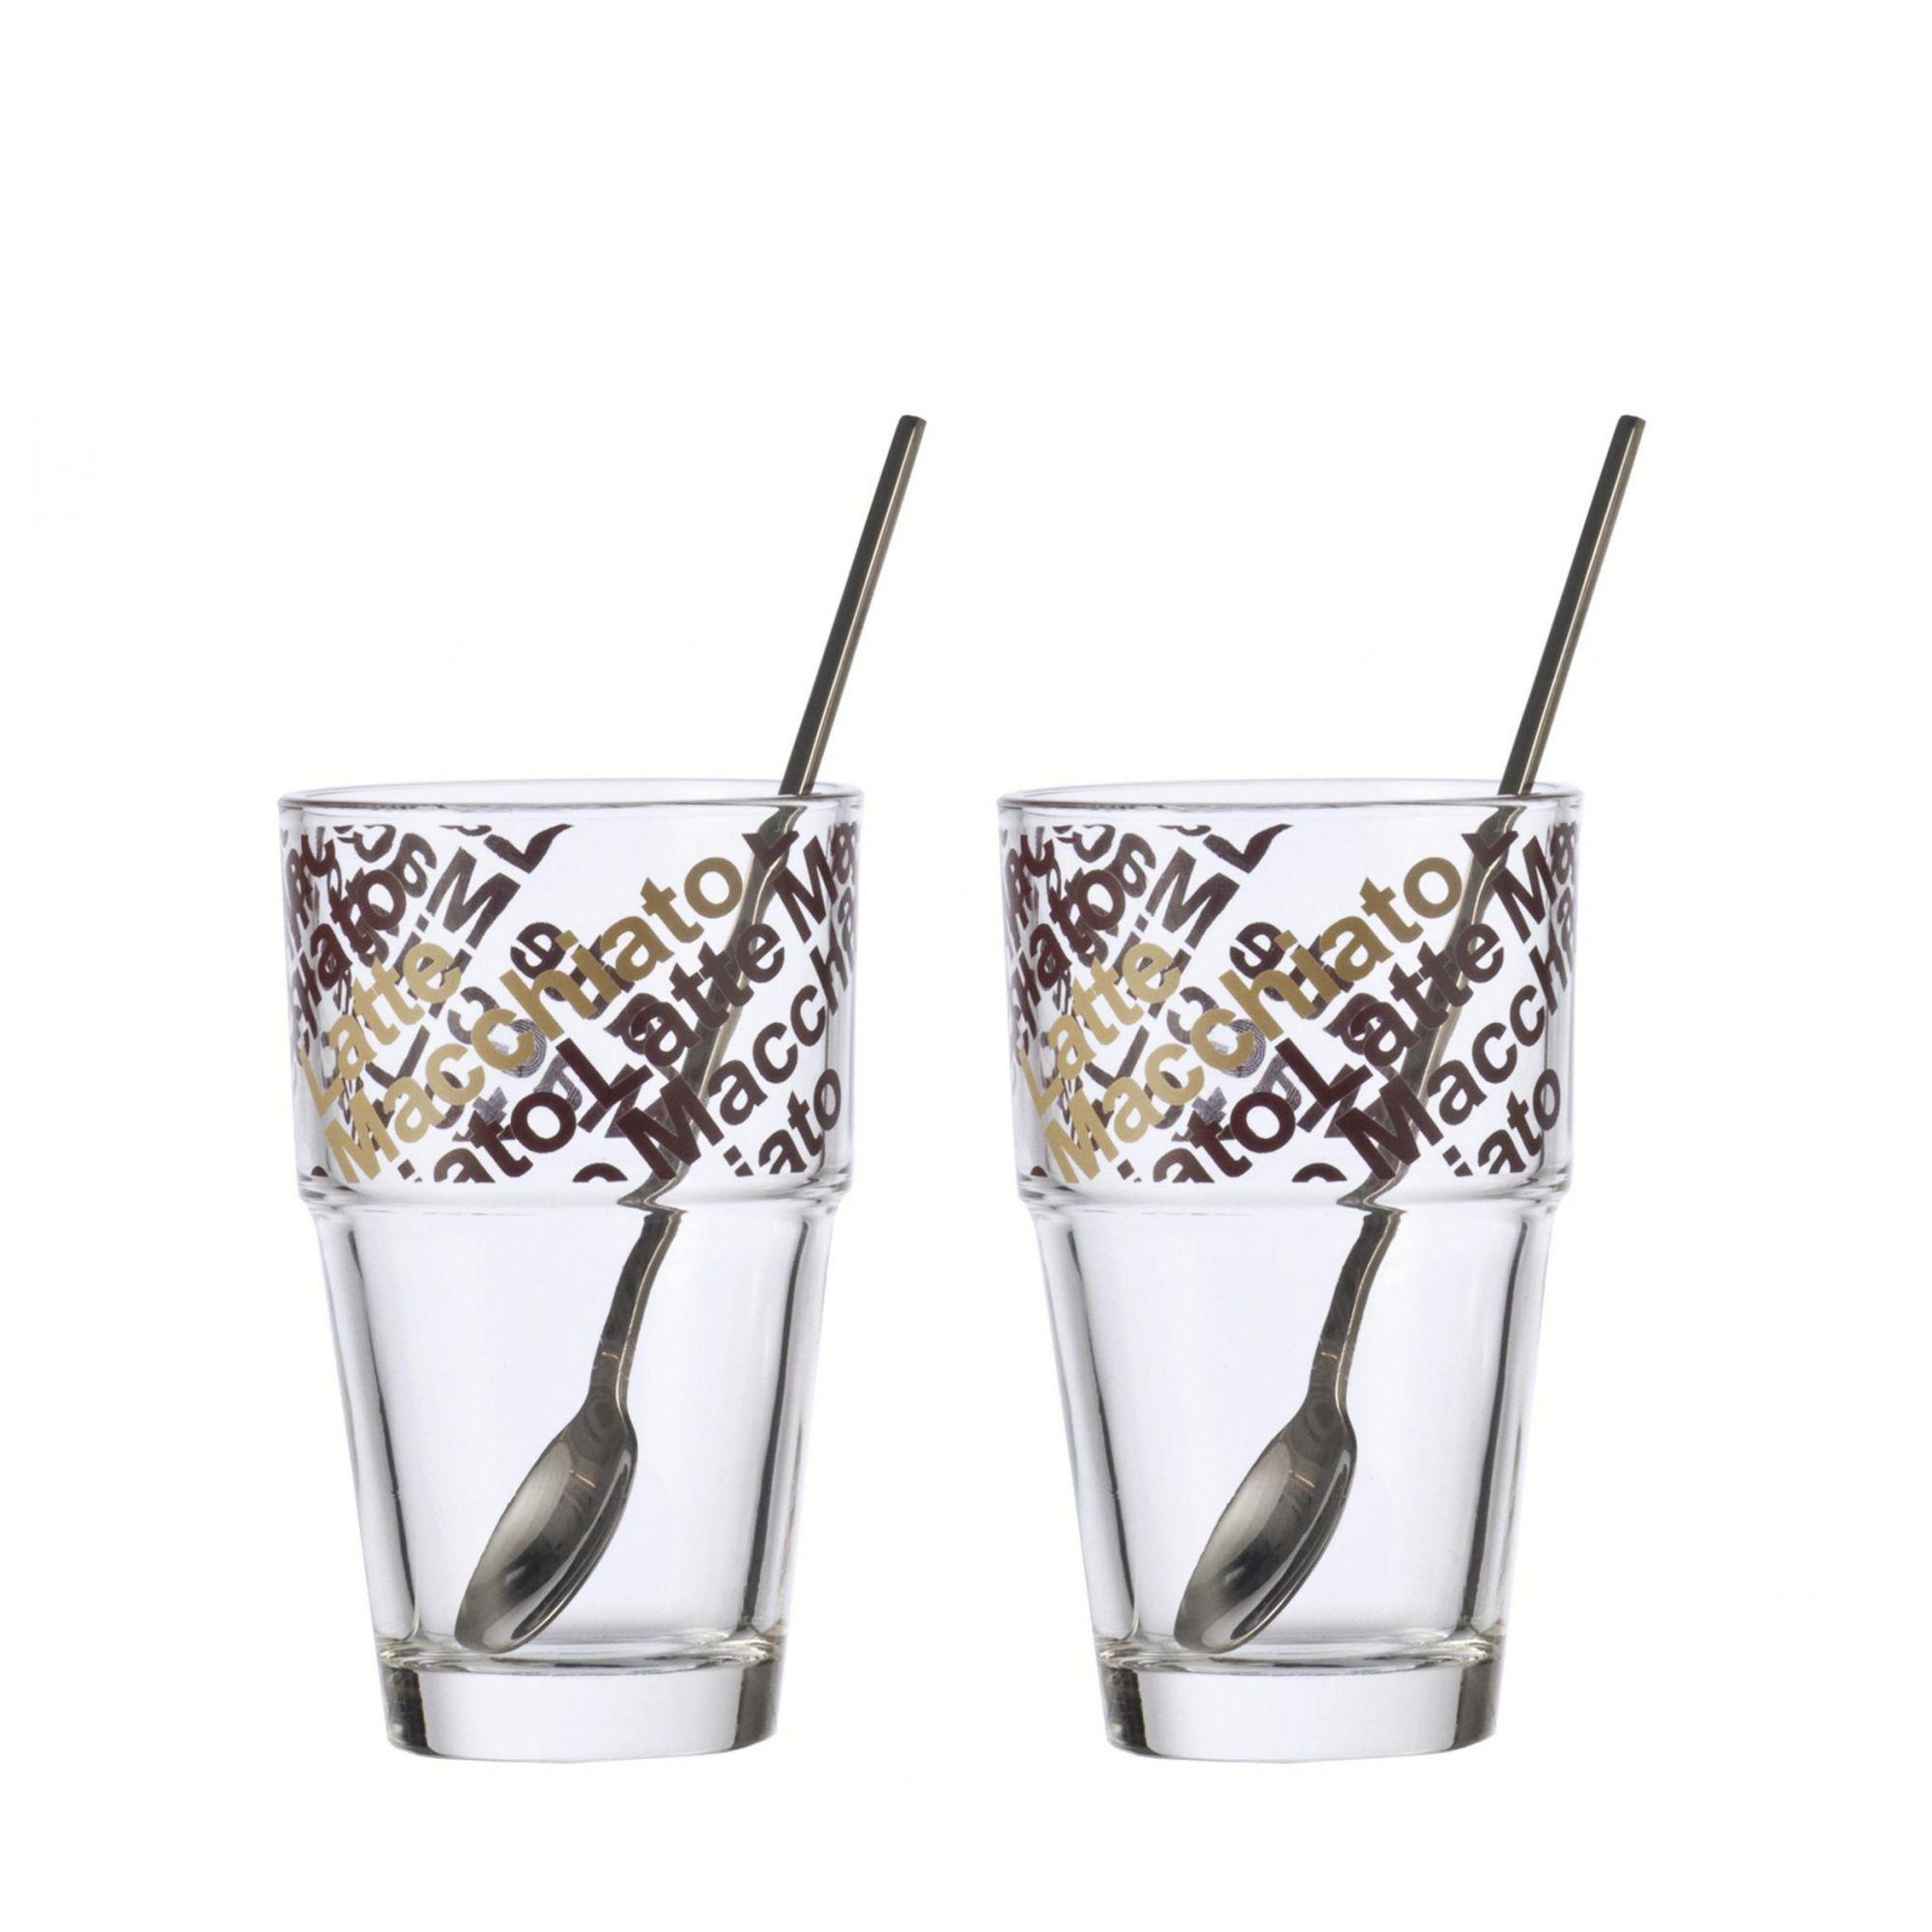 Jogo de Copos 2 peças e 2 Colheres Leonardo 410 ml para Cappuccino Café com Leite